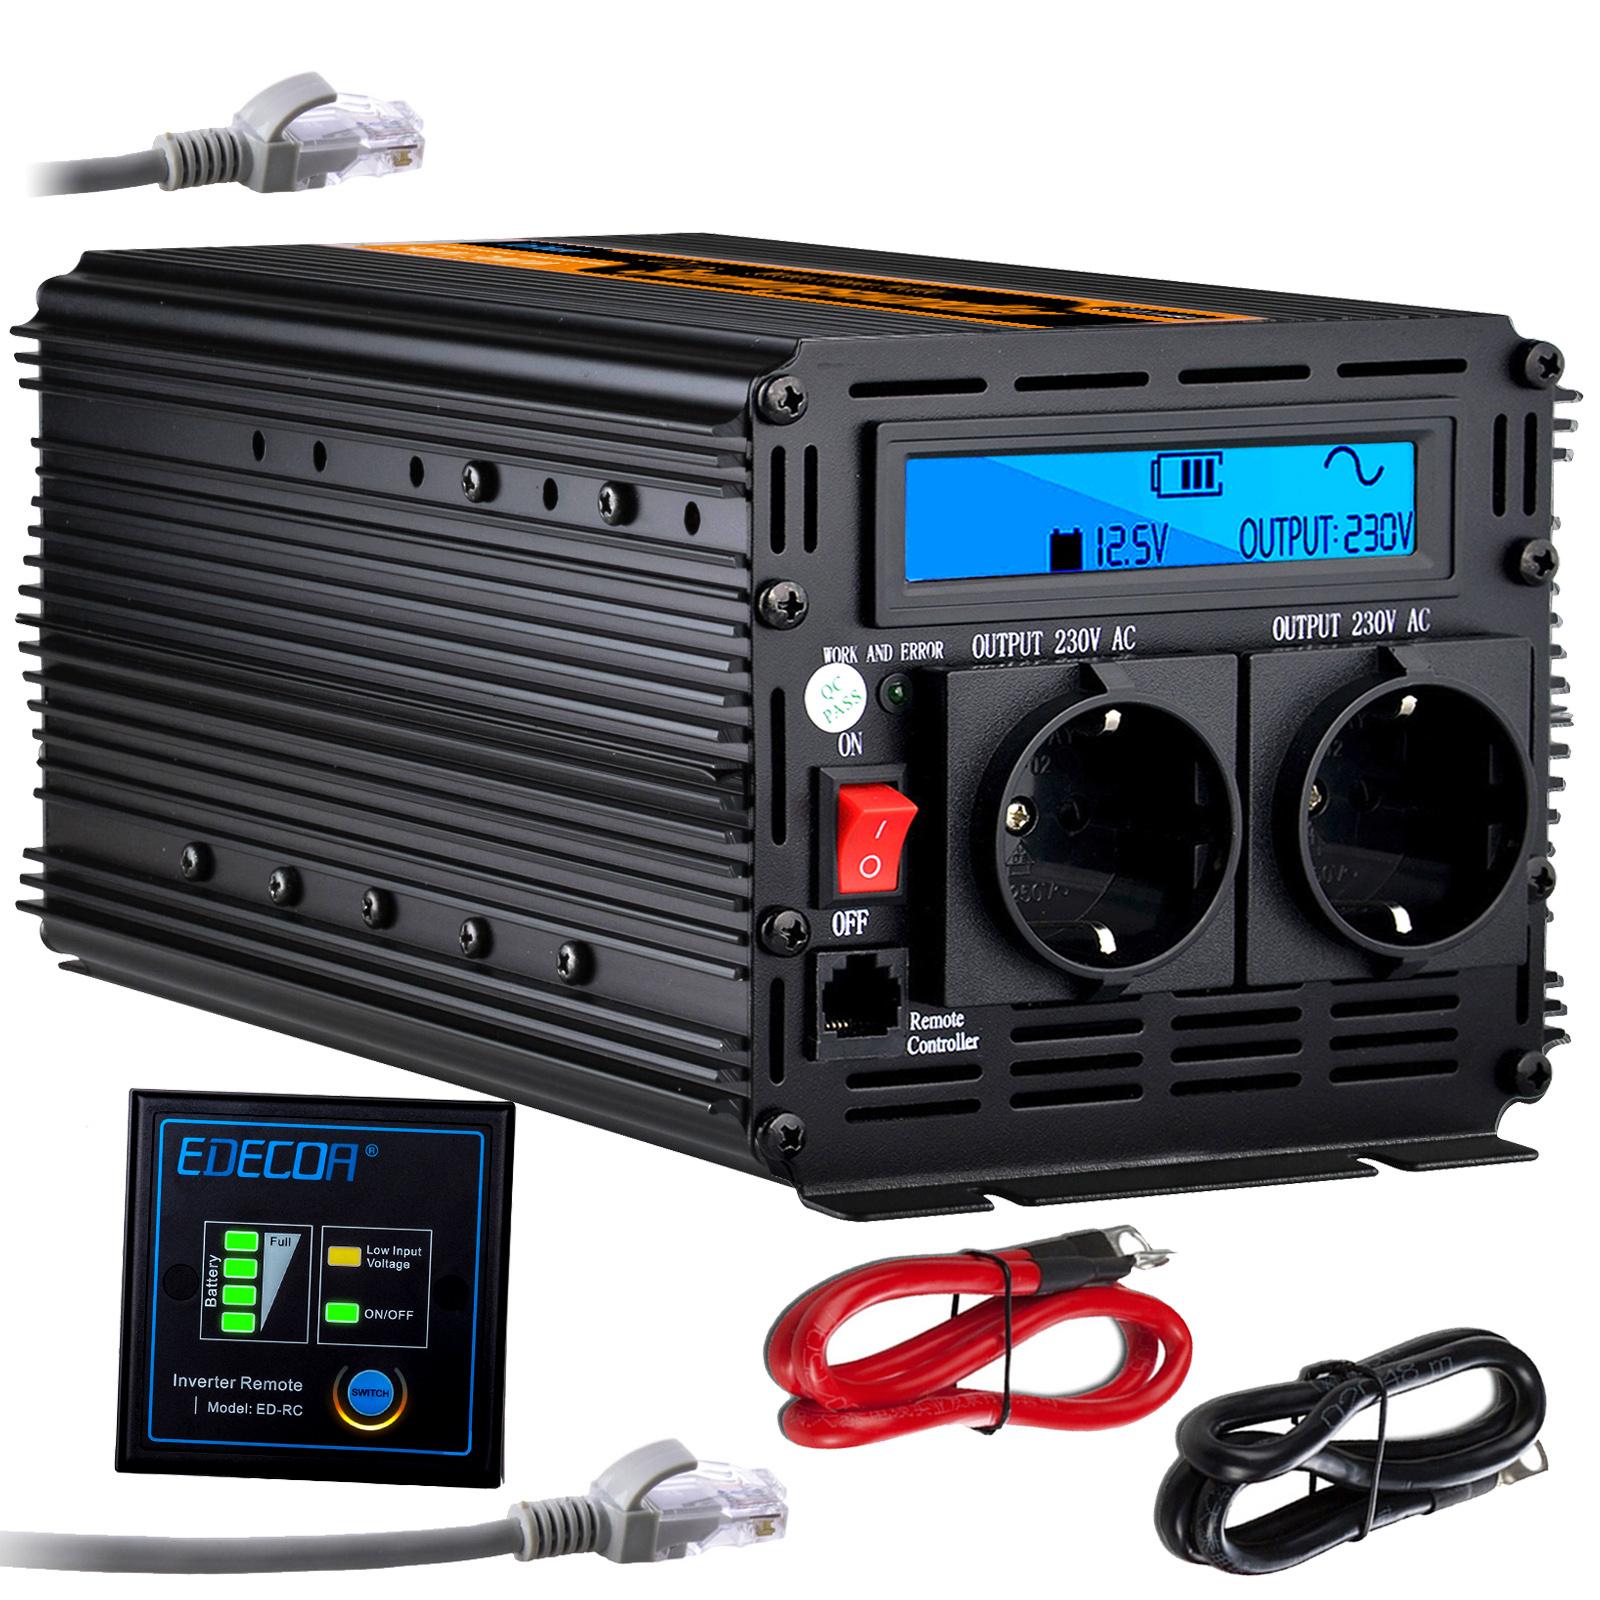 Reiner Sinus Spannungswandler 1000W 2000W 12V 230V Wechselrichter Mit LCD